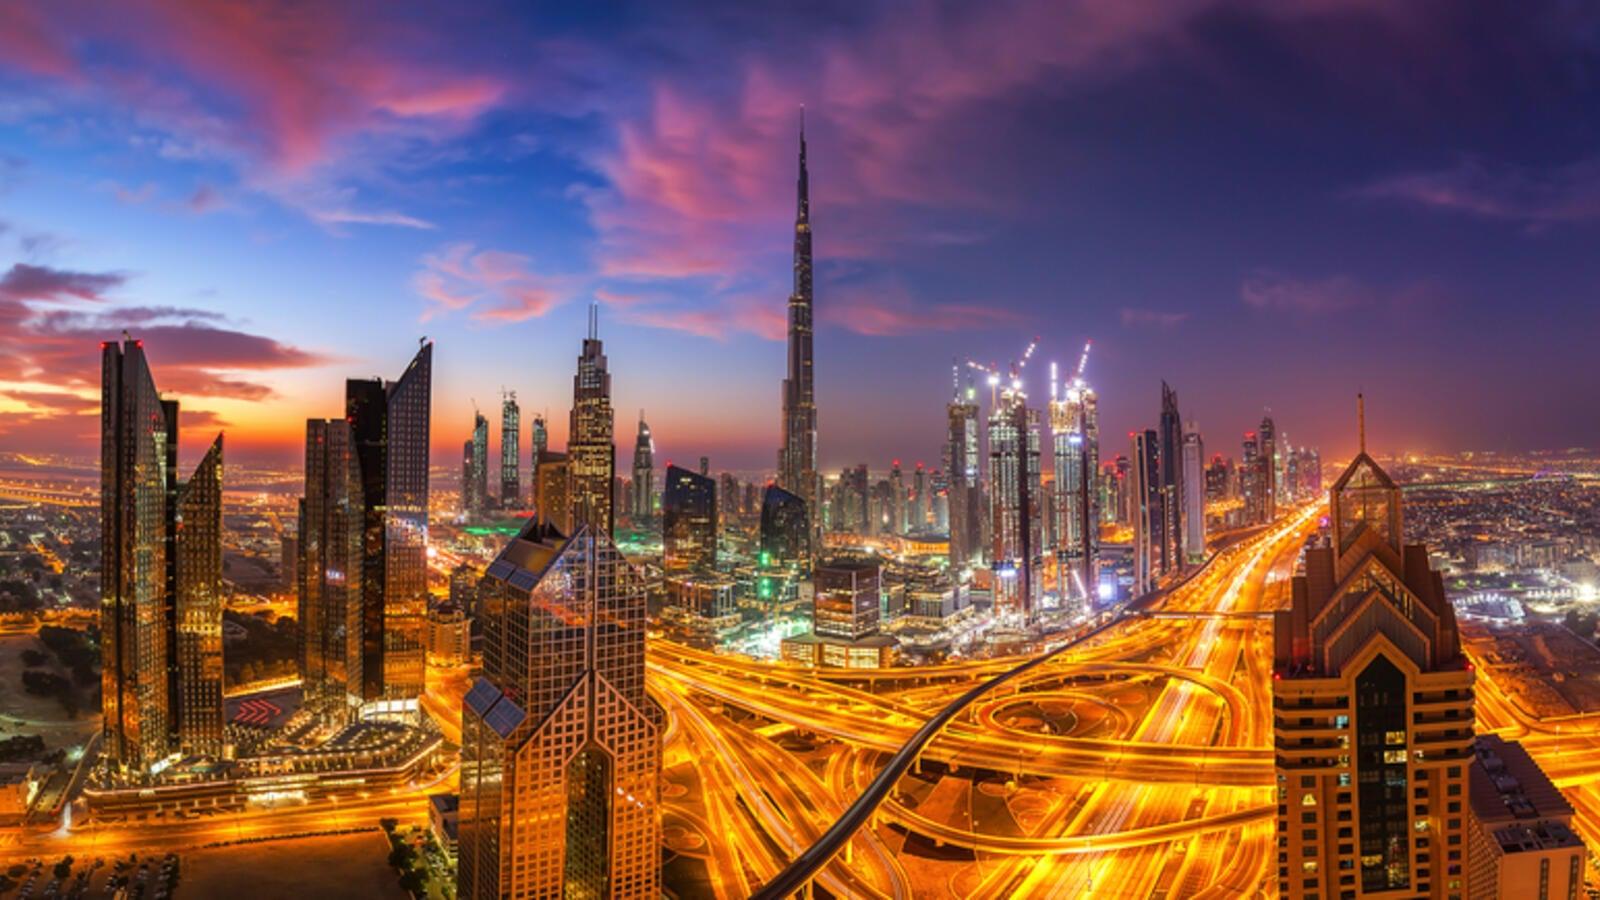 دبي تتصدر العالم في 4 مؤشرات للمستهلكين